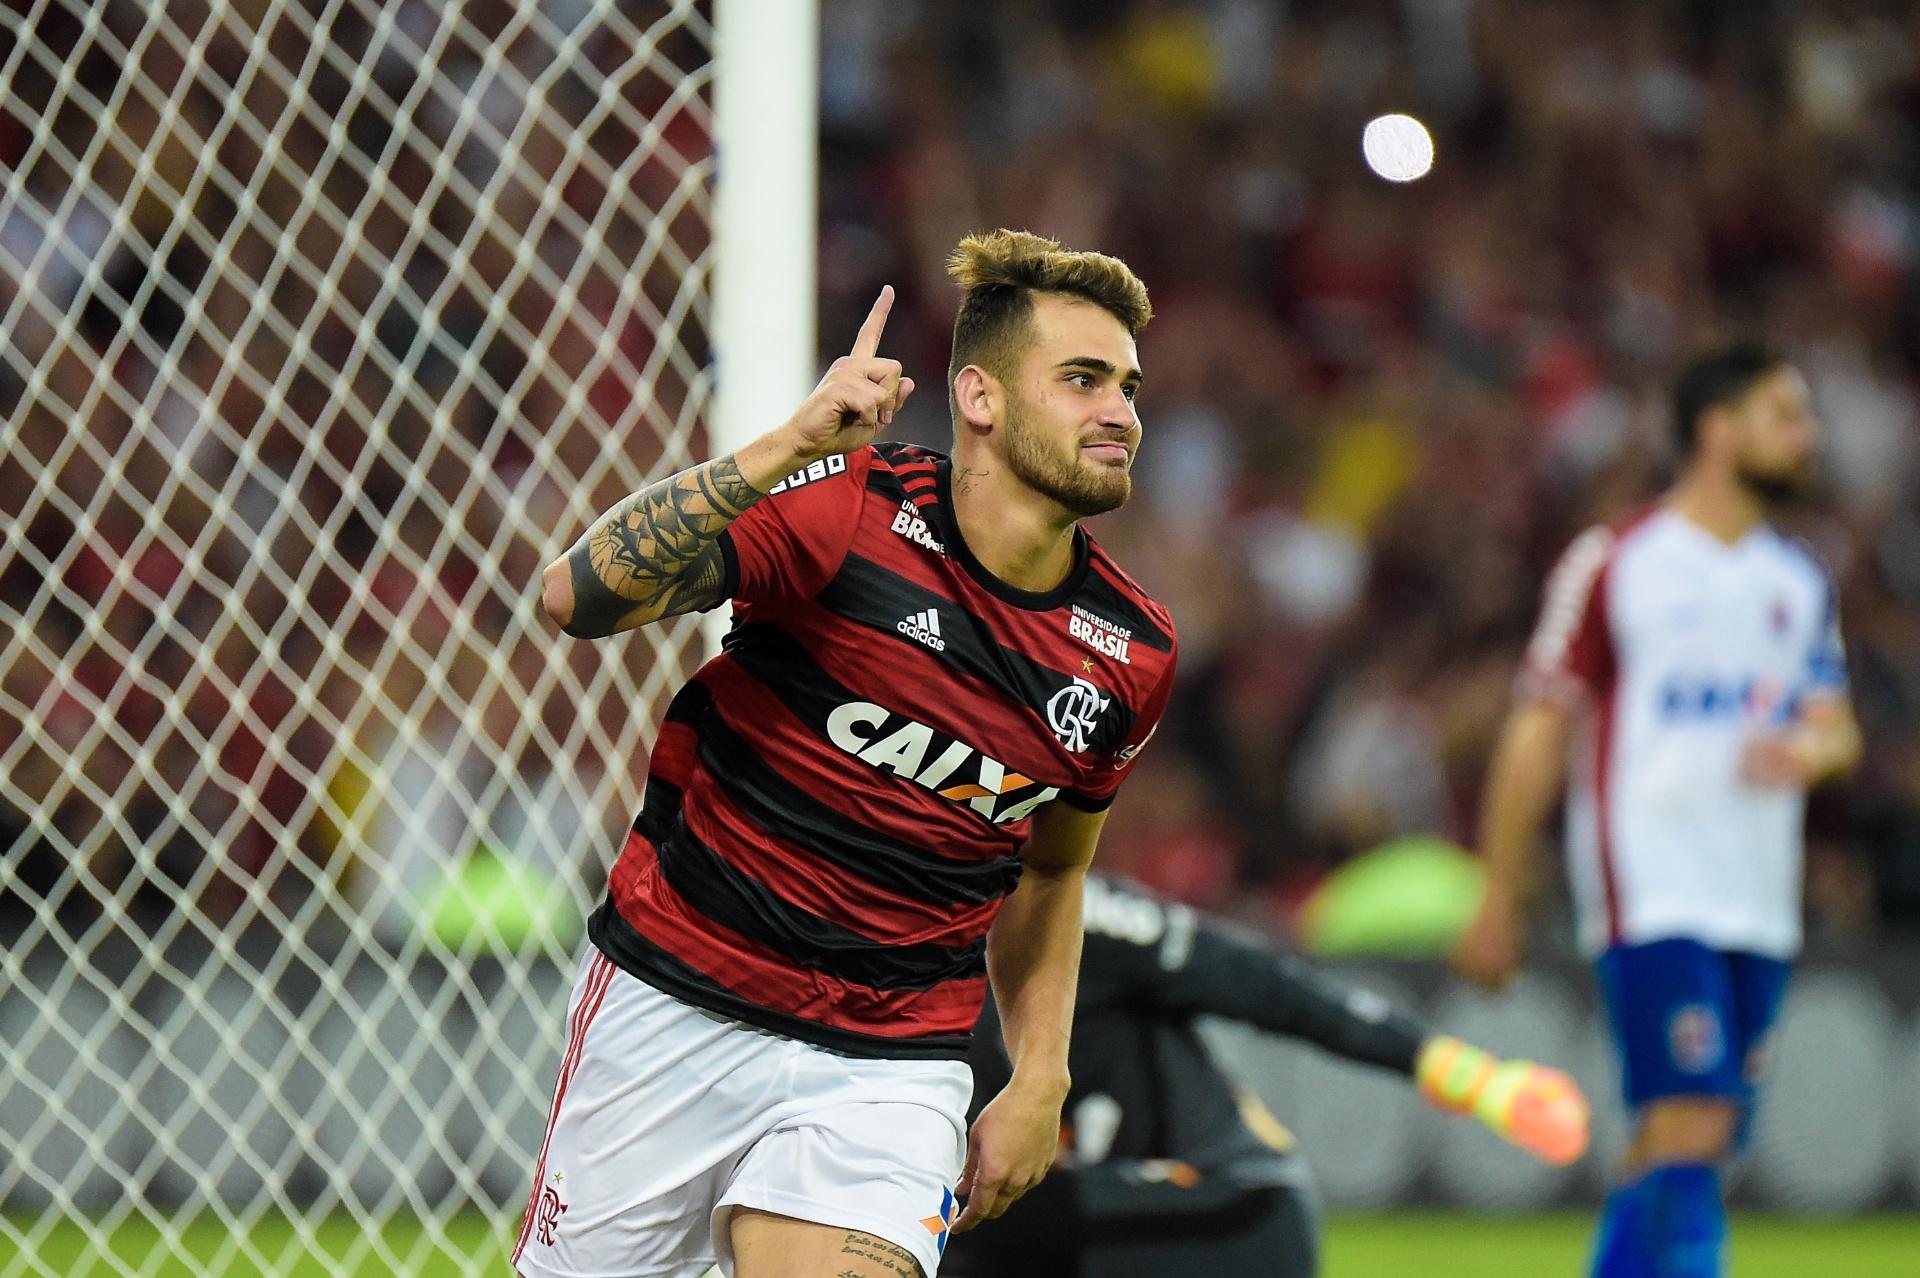 Udinese confirma proposta e abre negociação com Grêmio por Vizeu -  30 12 2018 - UOL Esporte 9077a9a407ffe